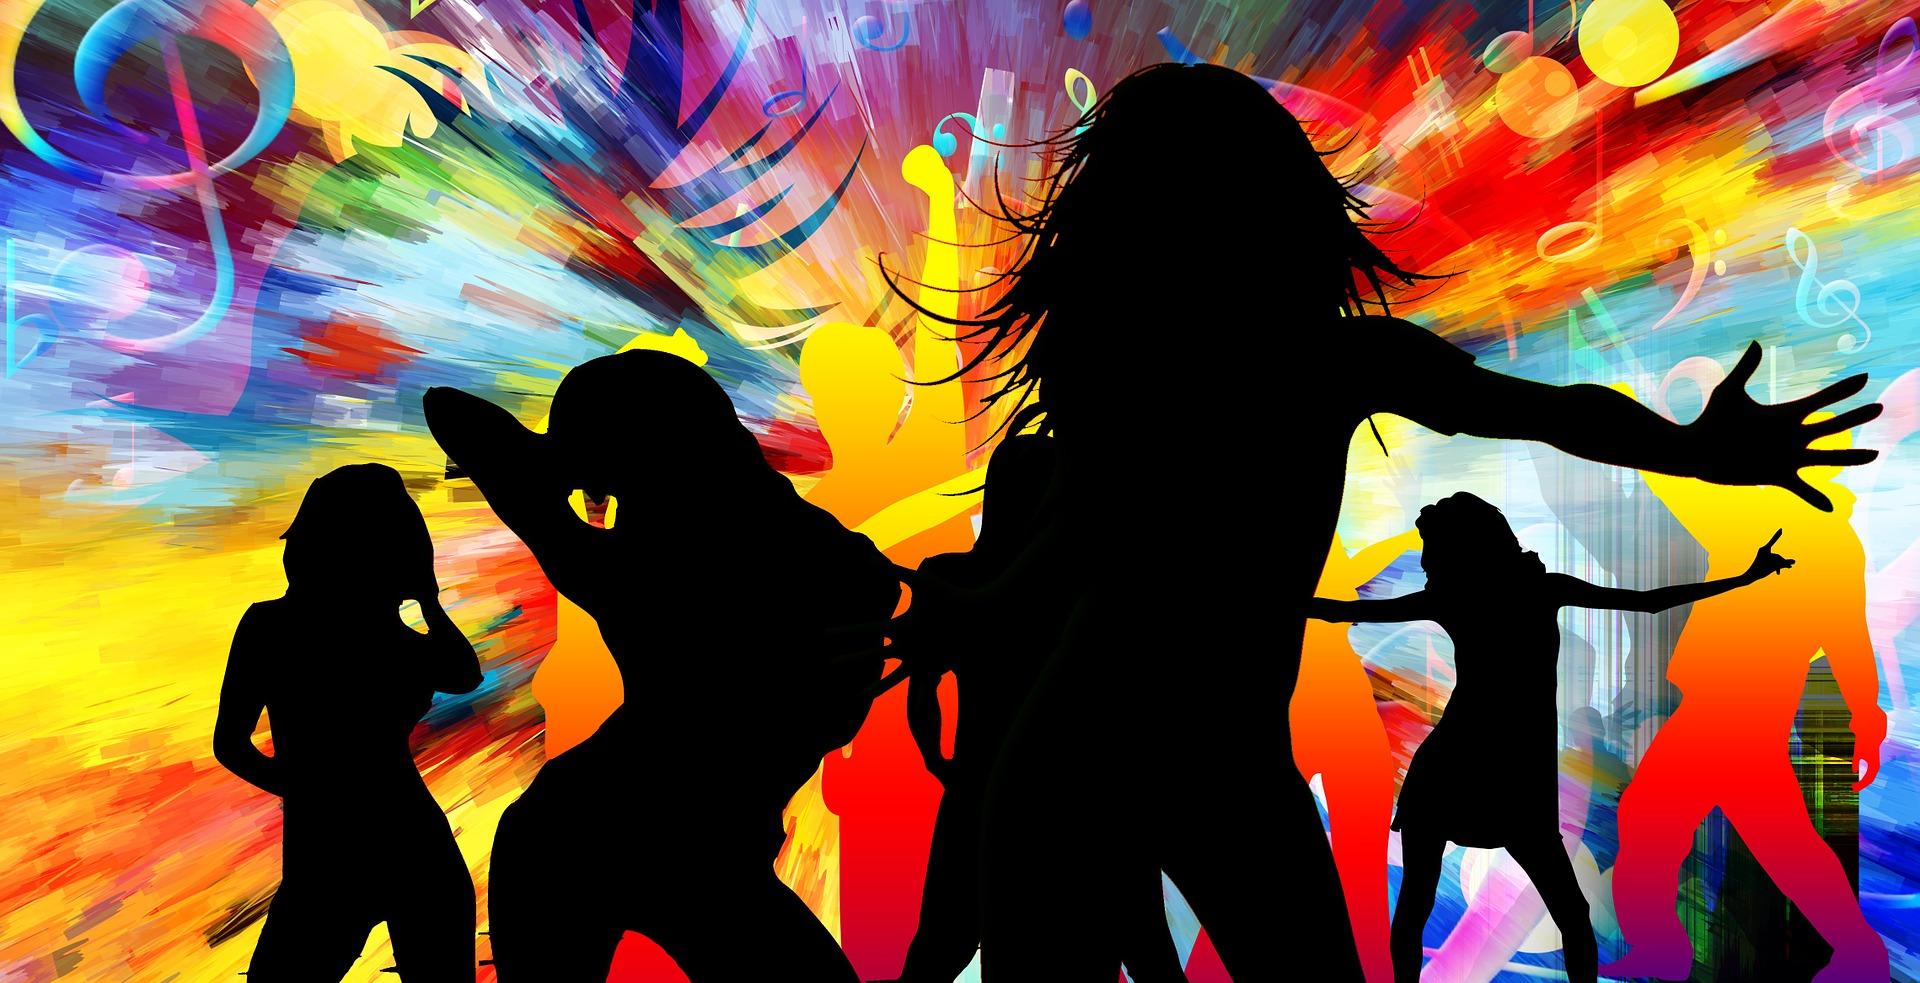 baile, dança, disco, festa, ritmo, mulher, pop, cores - Papéis de parede HD - Professor-falken.com